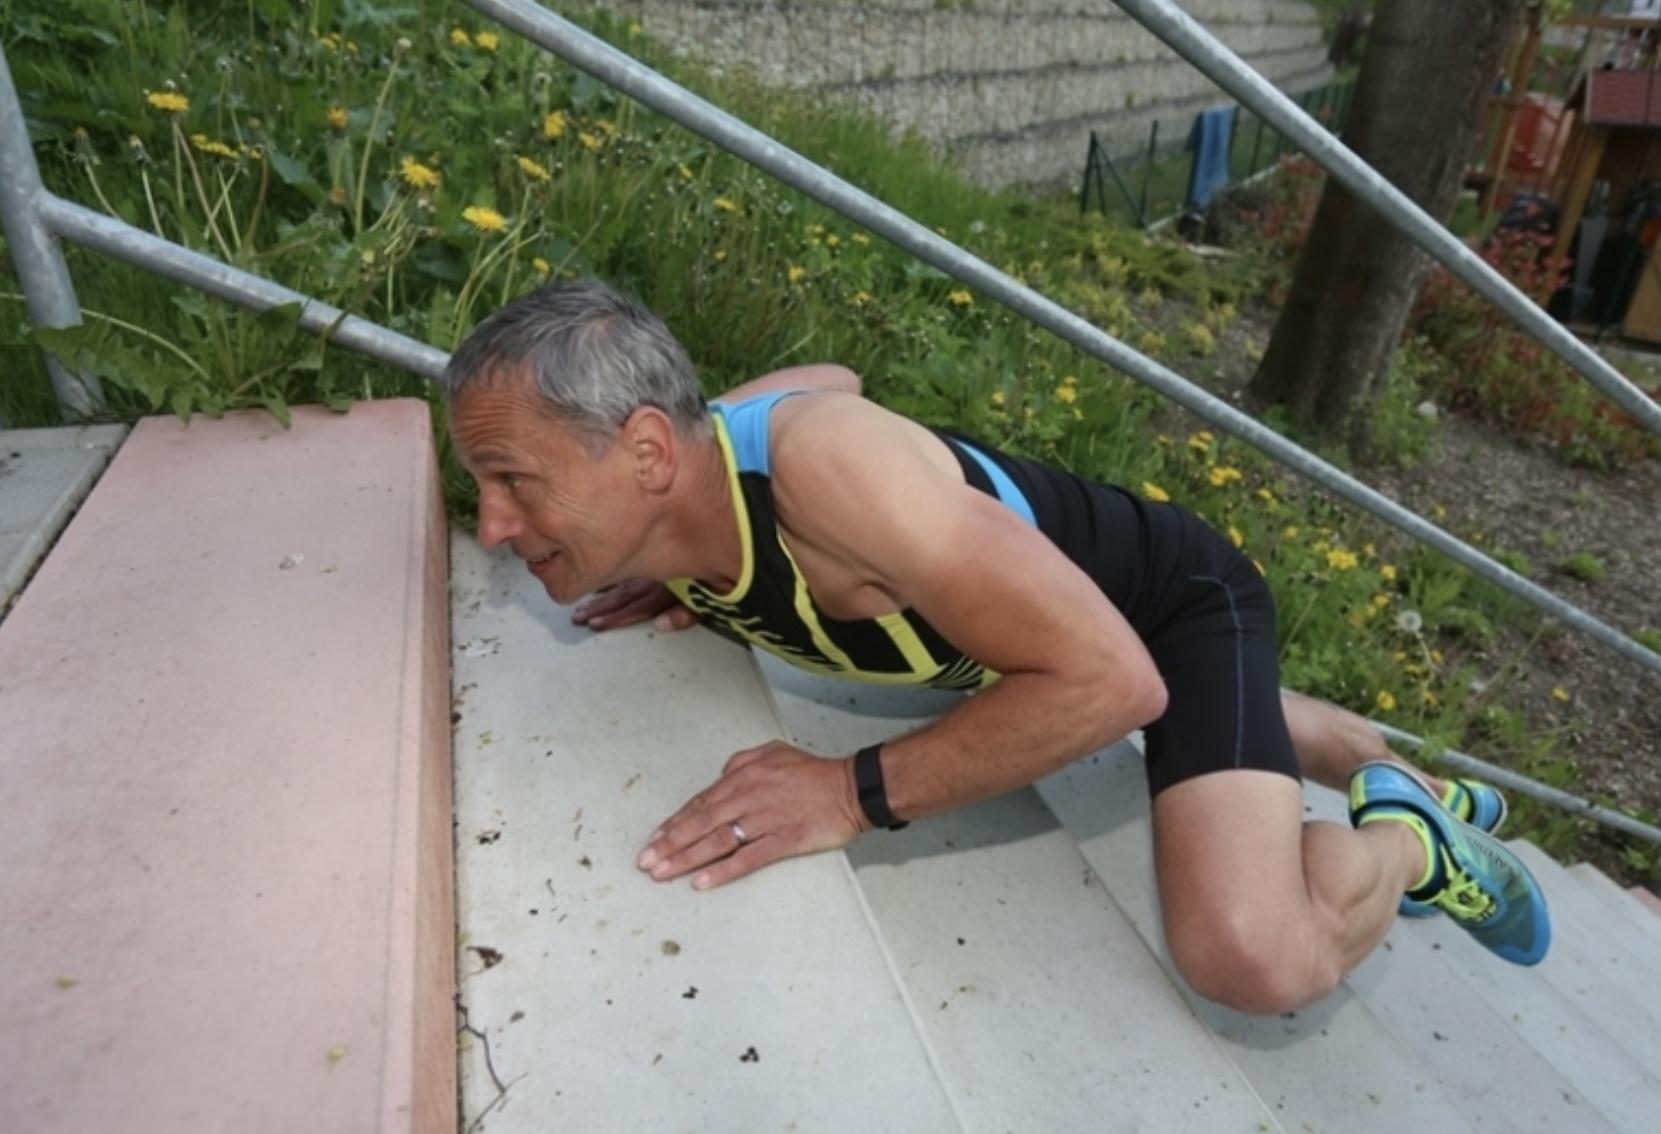 Schází ti kopce, běhej a cvič na schodech - krokodýl 2